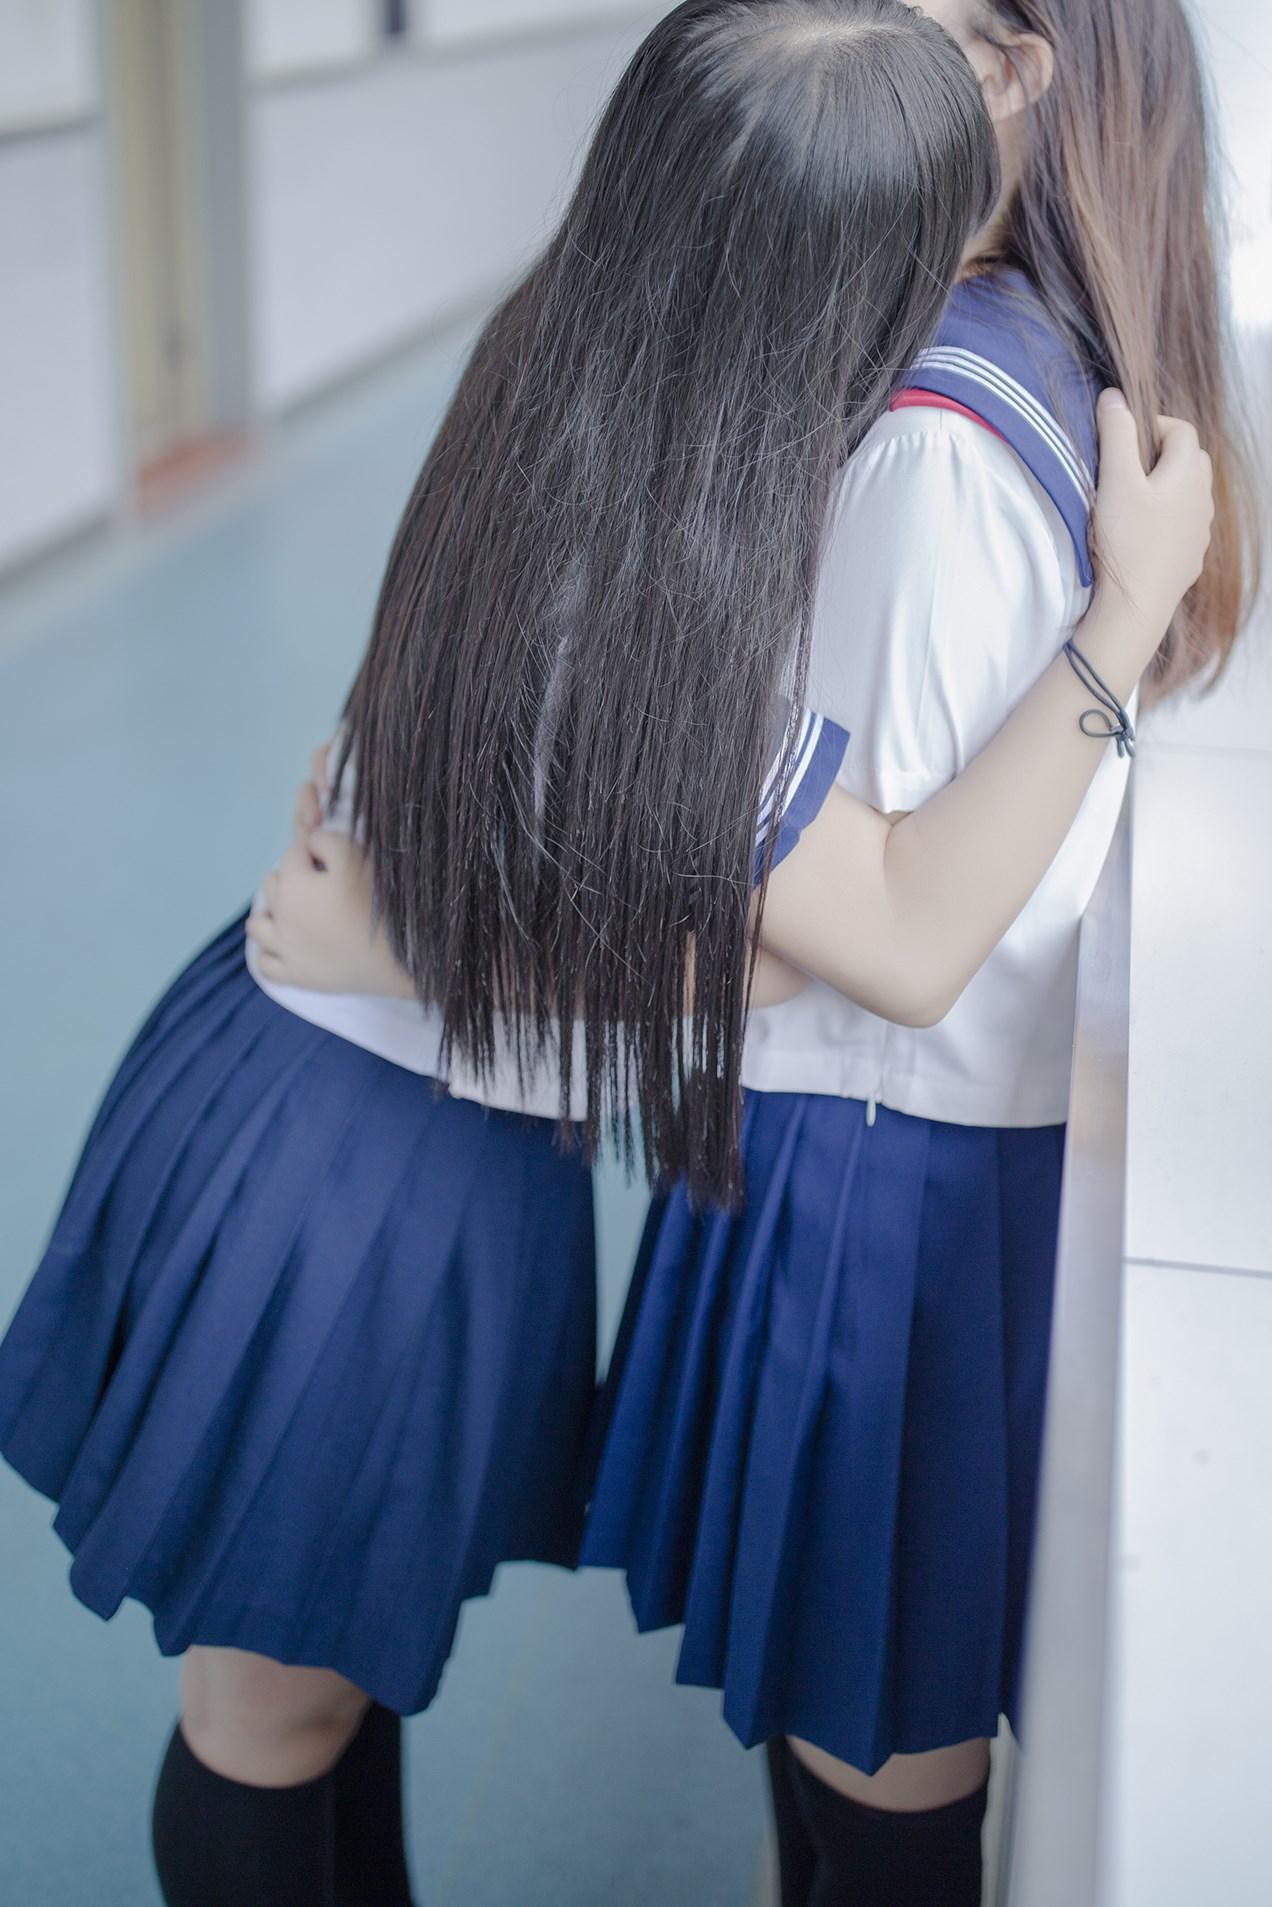 【兔玩映画】vol.02-放学后的教室 兔玩映画 第24张